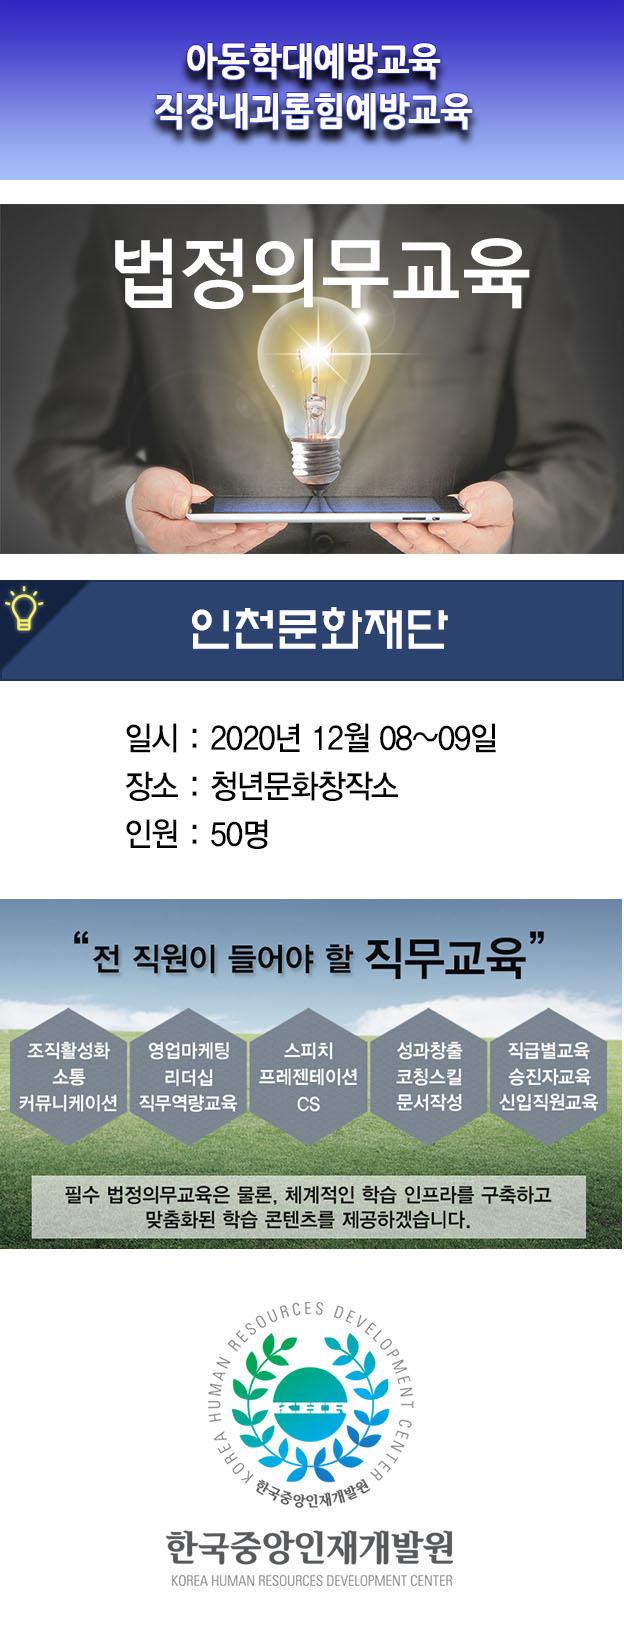 한국중앙인재개발원 공지사항_인천문화재단.JPG